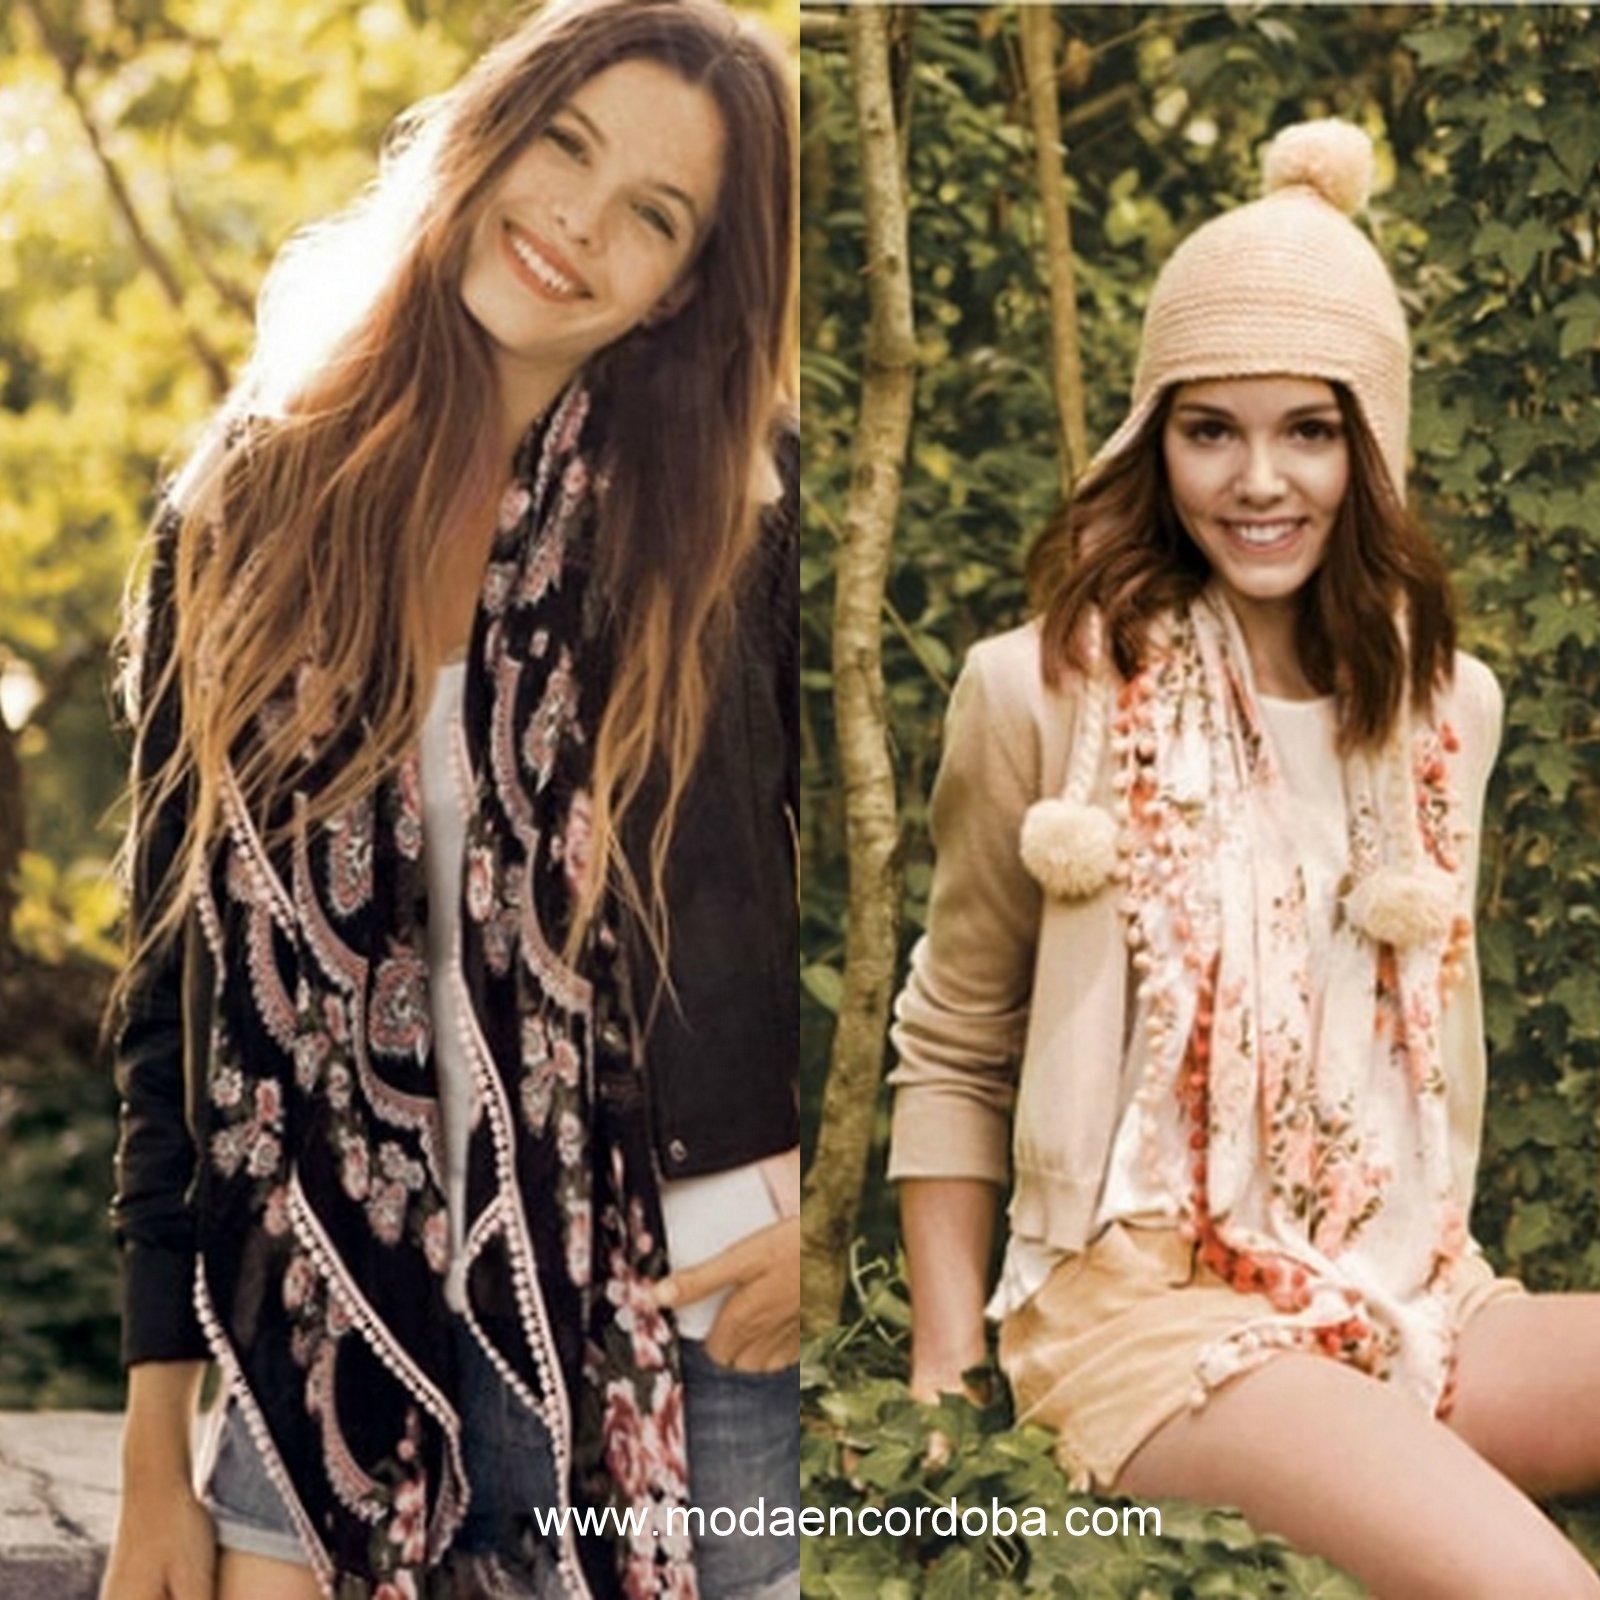 Moda y tendencia en argentina y el mundo moda y for Moda premama invierno